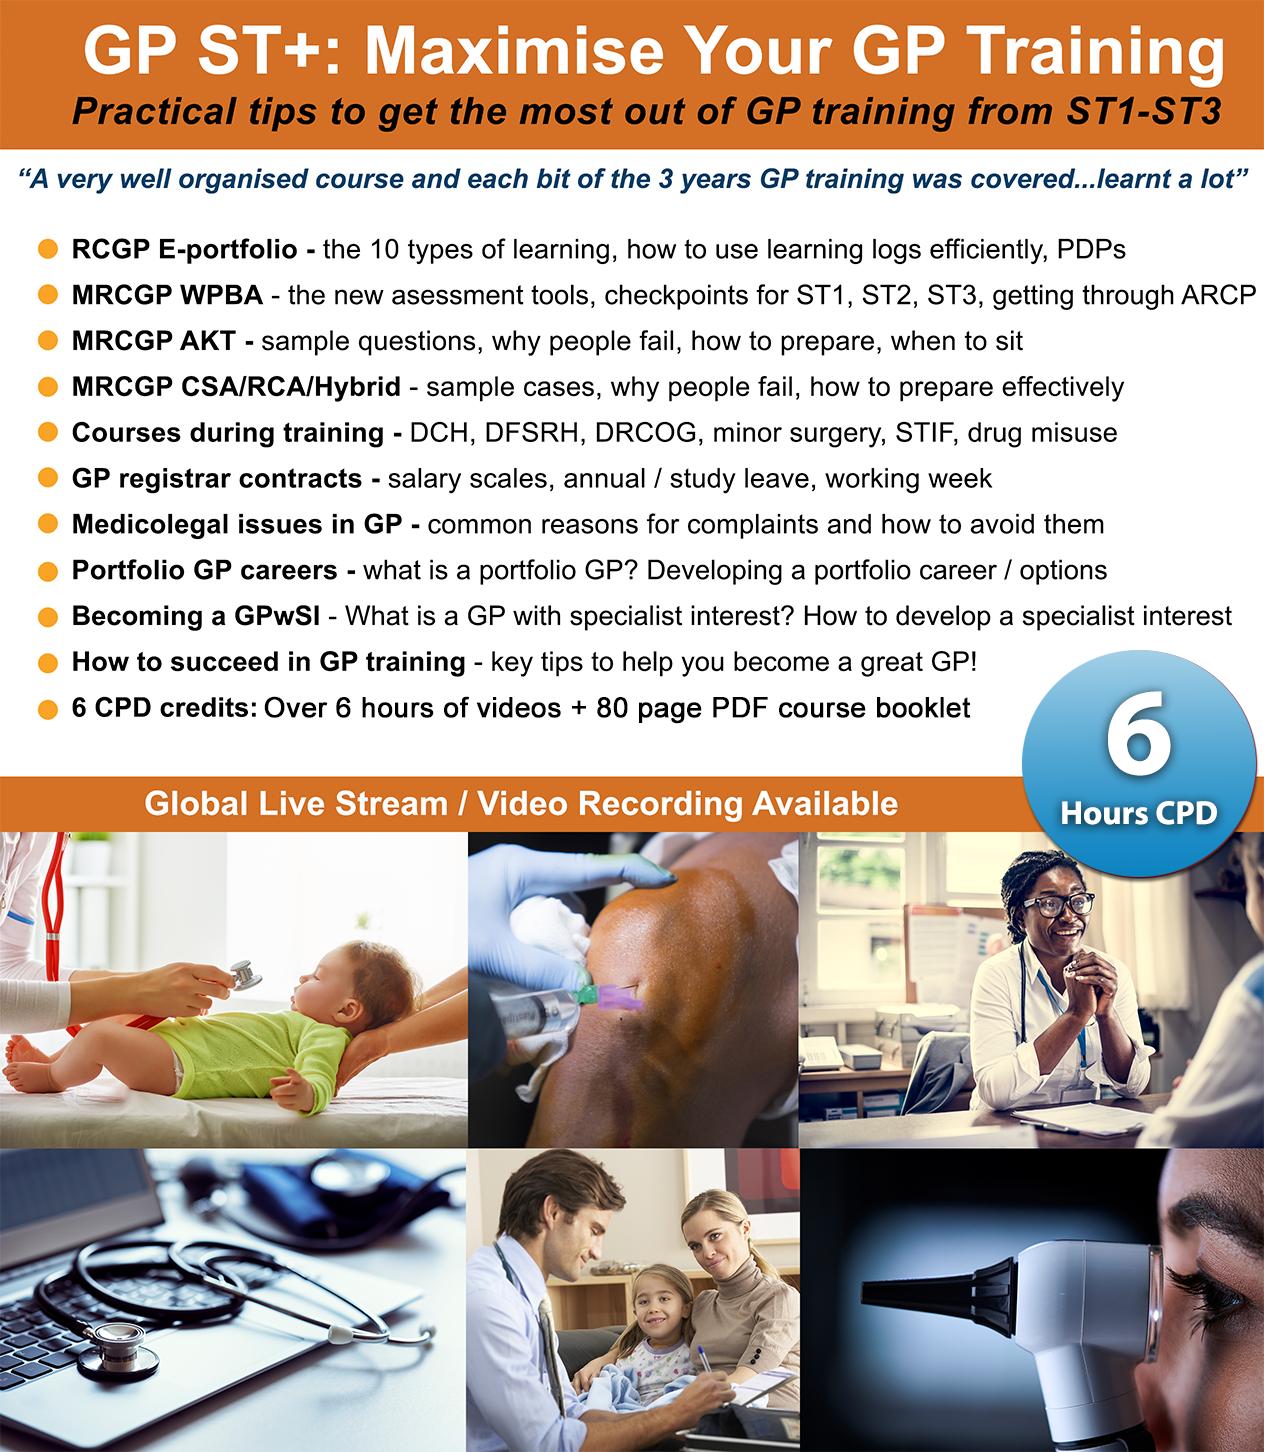 GPST+ Maximise Your GP Training